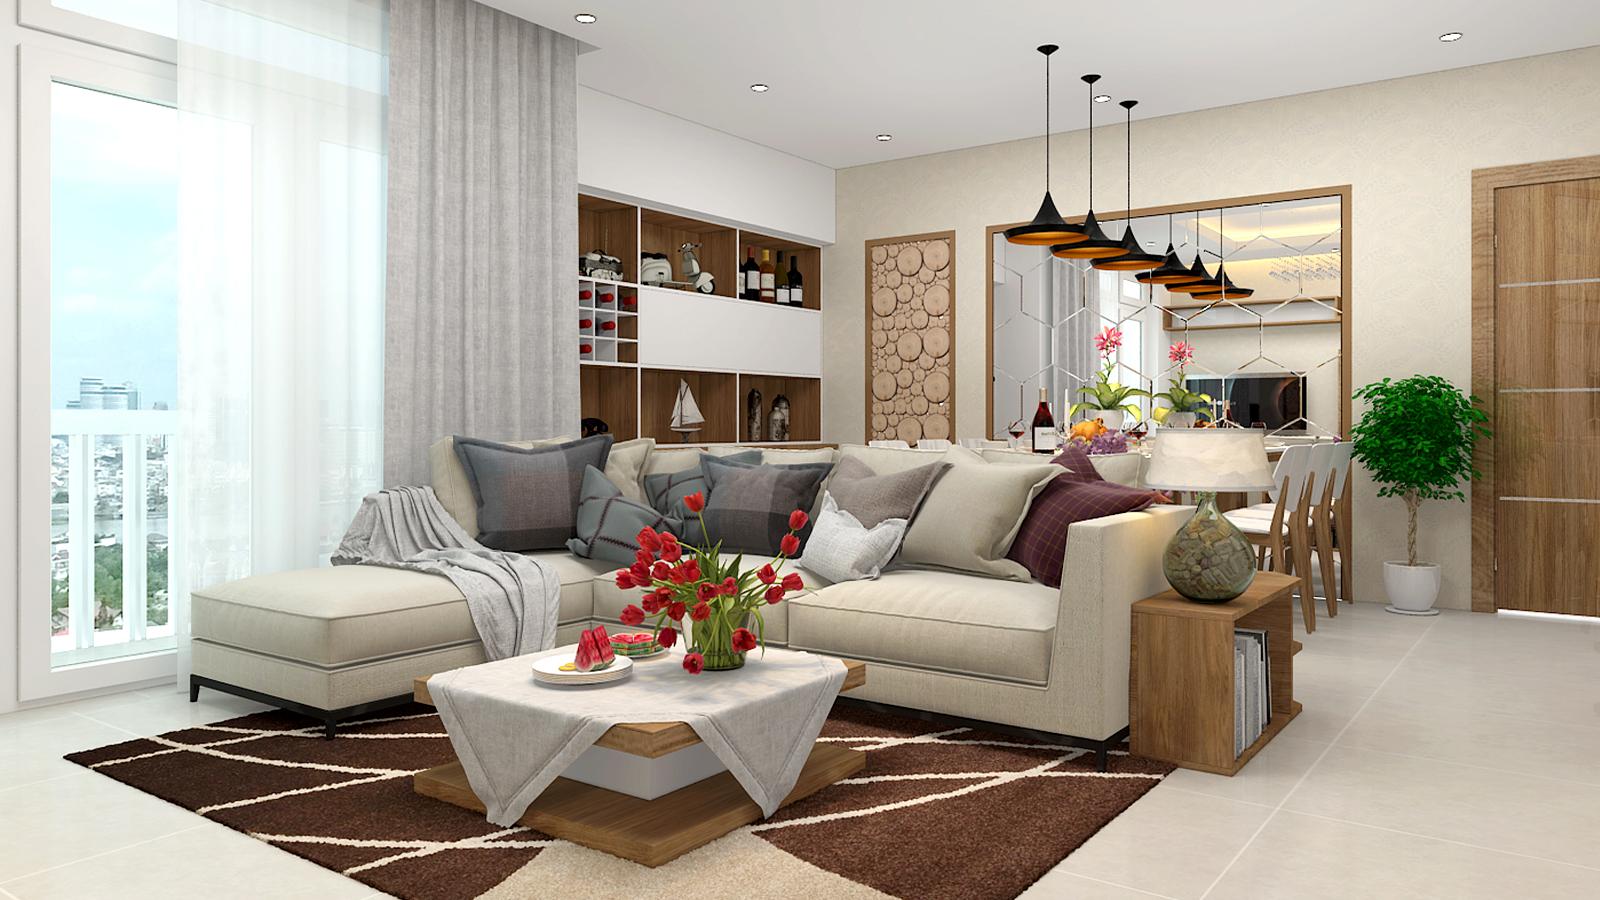 Nhà mẫu dự án căn hộ chung cư Central Premium Quận 8 Đường Tạ Quang Bửu chủ đầu tư Giai Việt